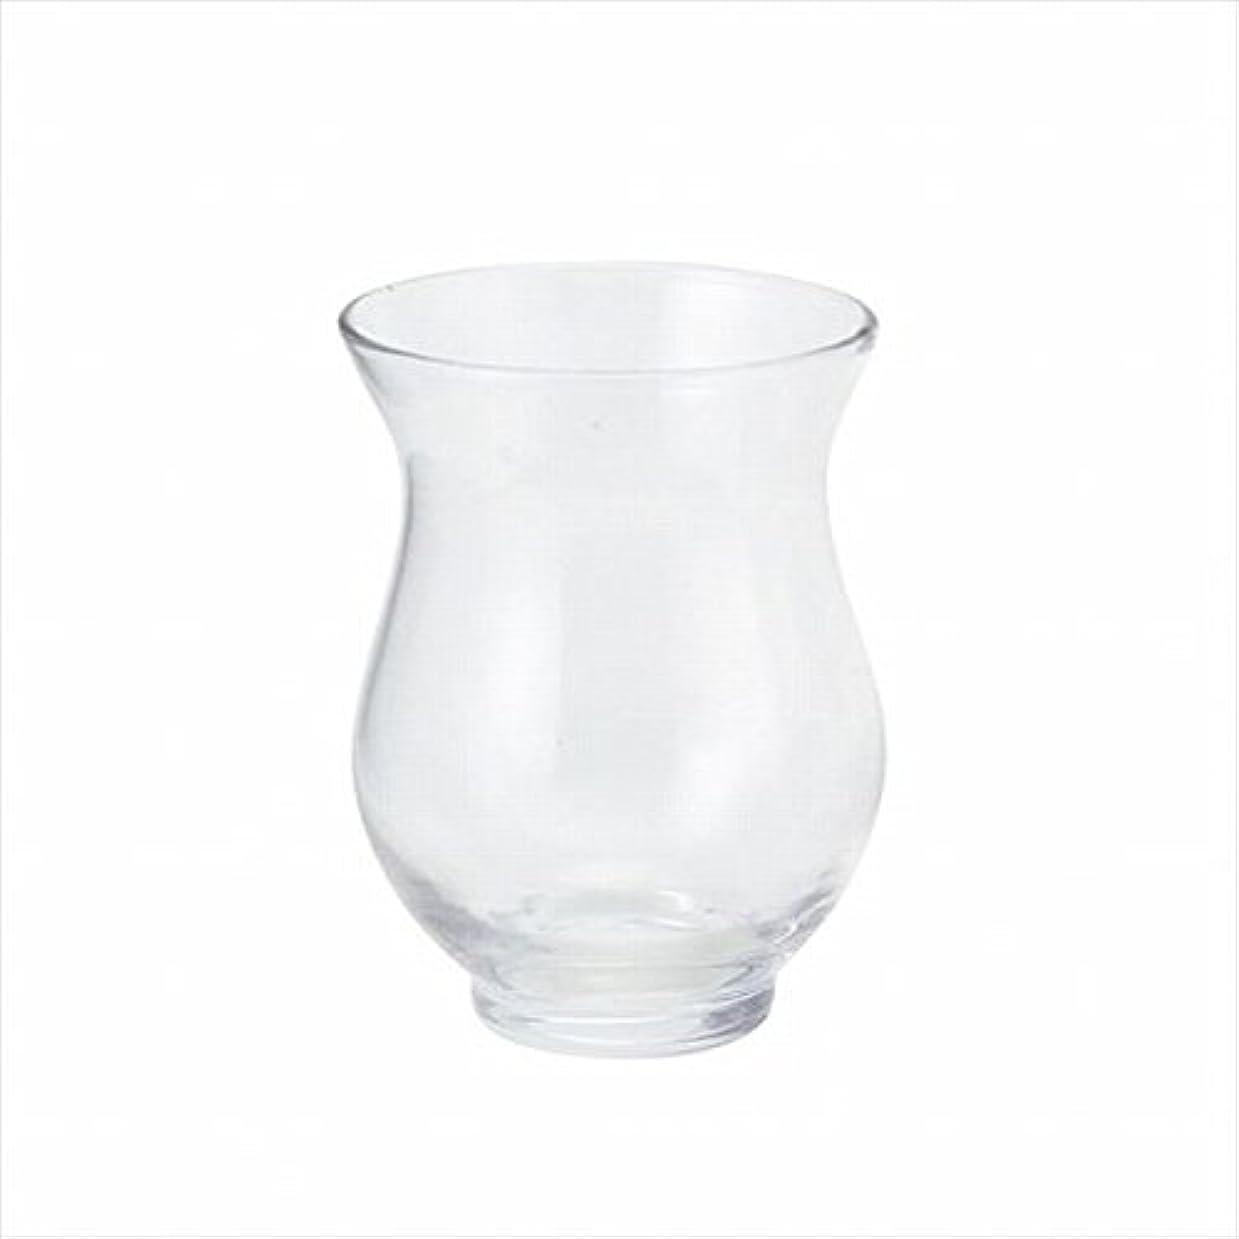 肌寒い葉っぱかわいらしいkameyama candle(カメヤマキャンドル) ウィンドライトエレガンスS キャンドル 75x75x100mm (D3825023)